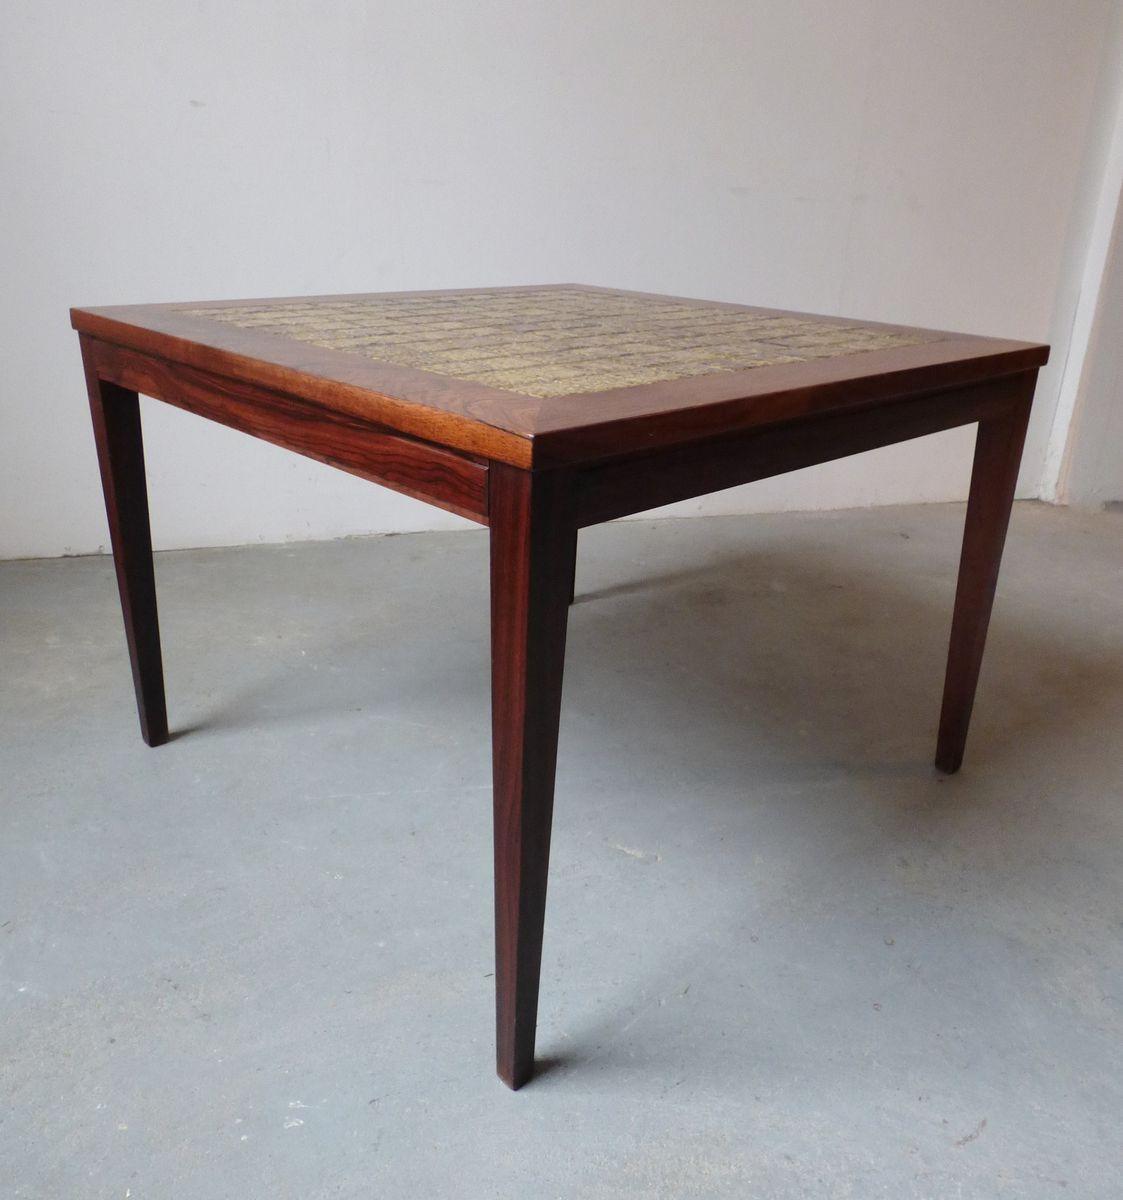 d nischer palisander couchtisch mit gr nen kacheln 1960er bei pamono kaufen. Black Bedroom Furniture Sets. Home Design Ideas